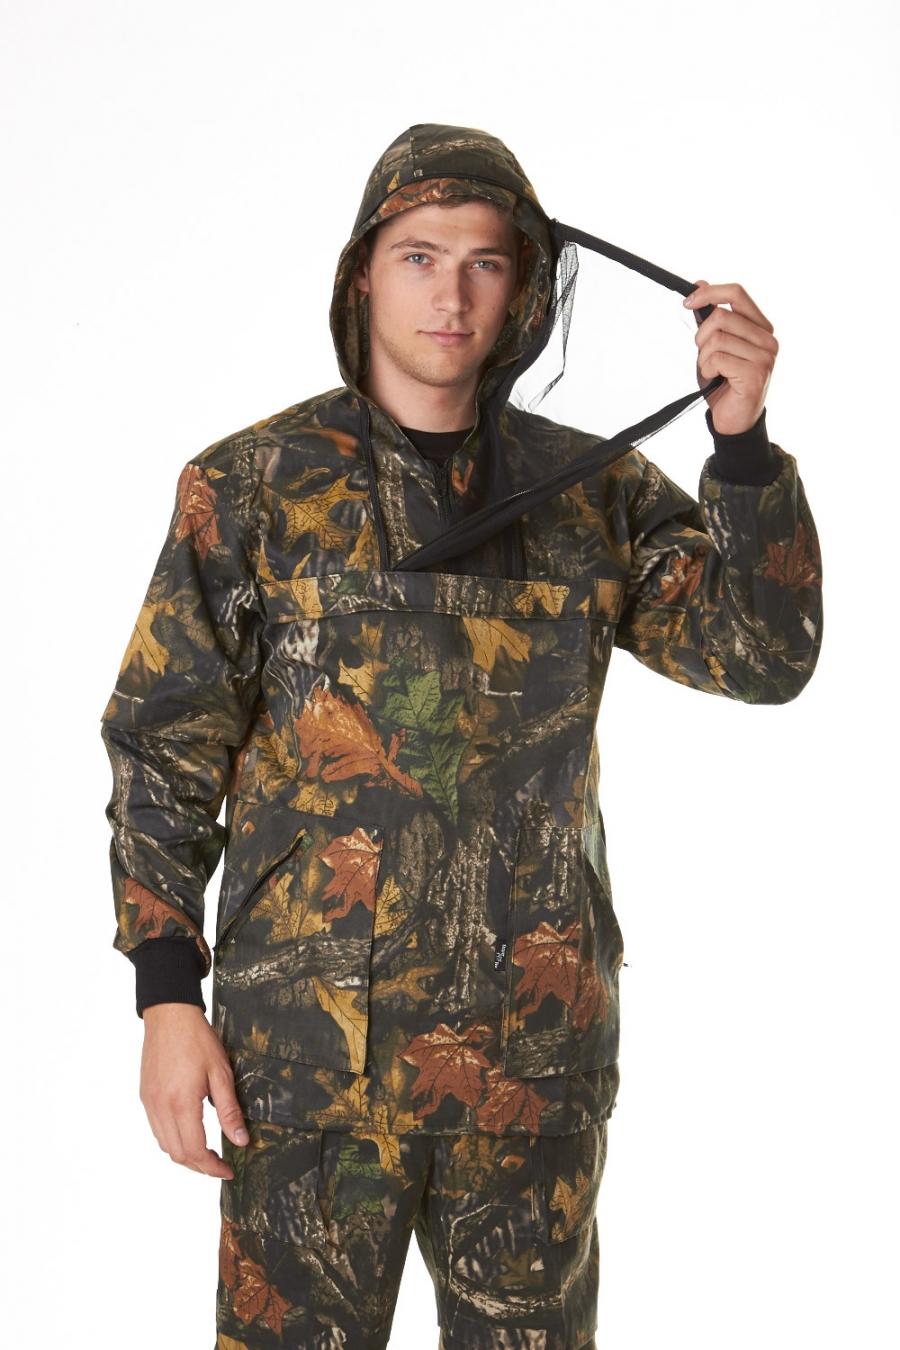 Костюм для охоты и рыбалки Энцефалит-1Одежда для охоты и рыбалки<br><br><br>Размер: Лес 77-03